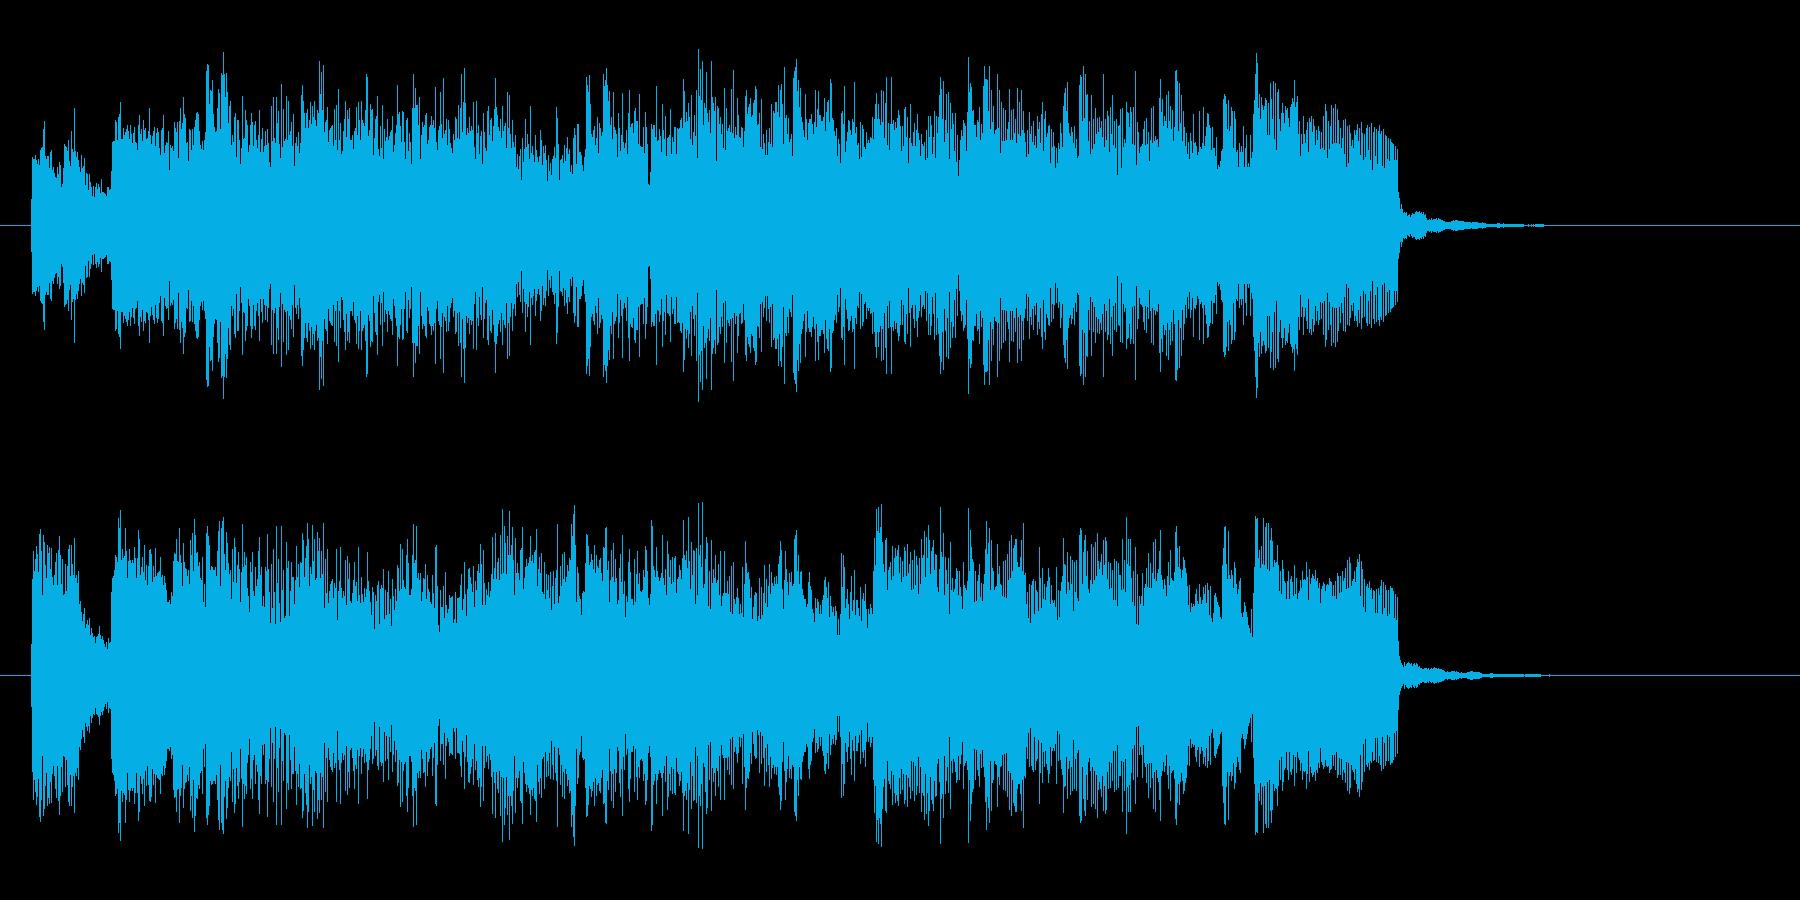 ピアノとコーラス、大人のジャジーサウンドの再生済みの波形